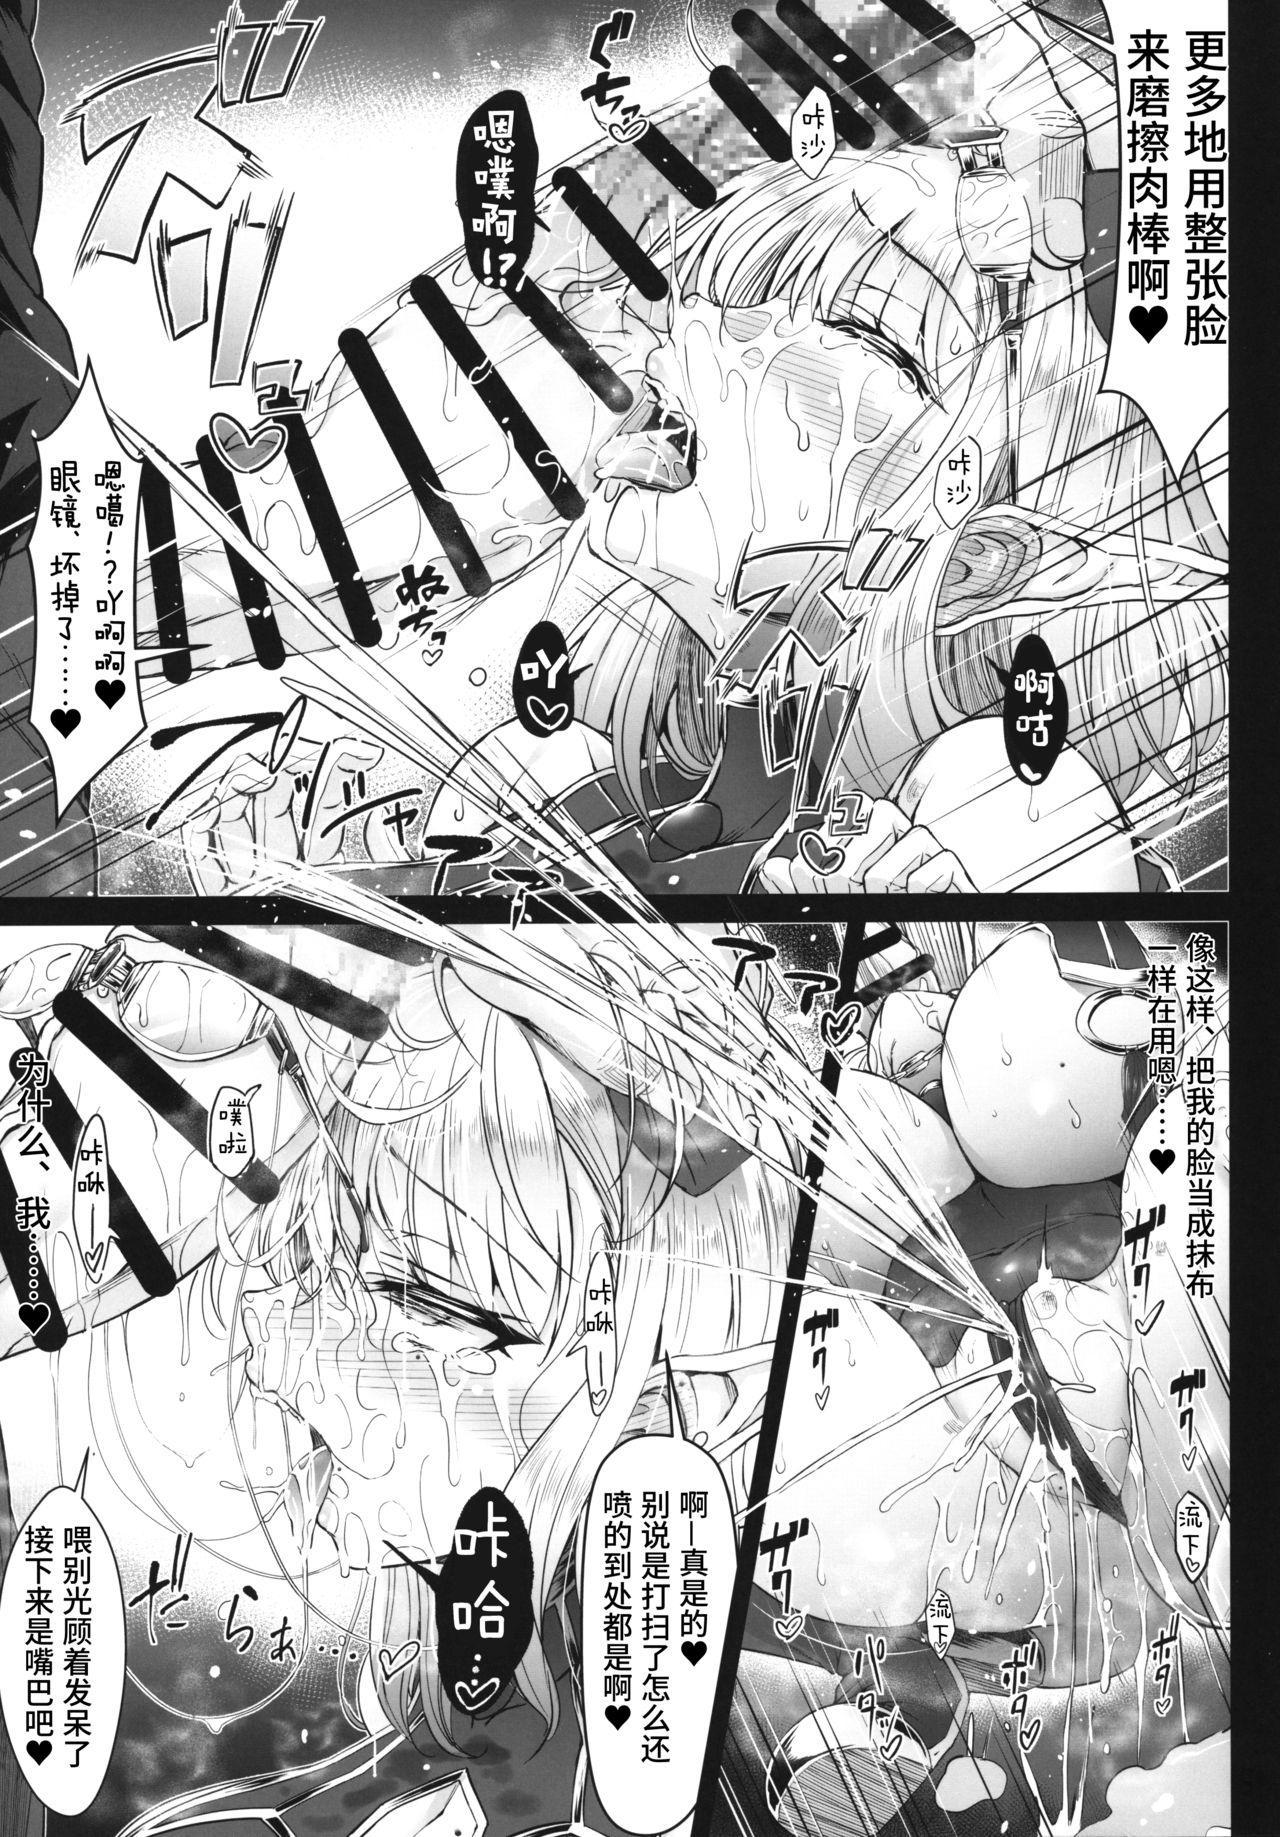 Karisome no Kanojo II Cosplay H Hen 25